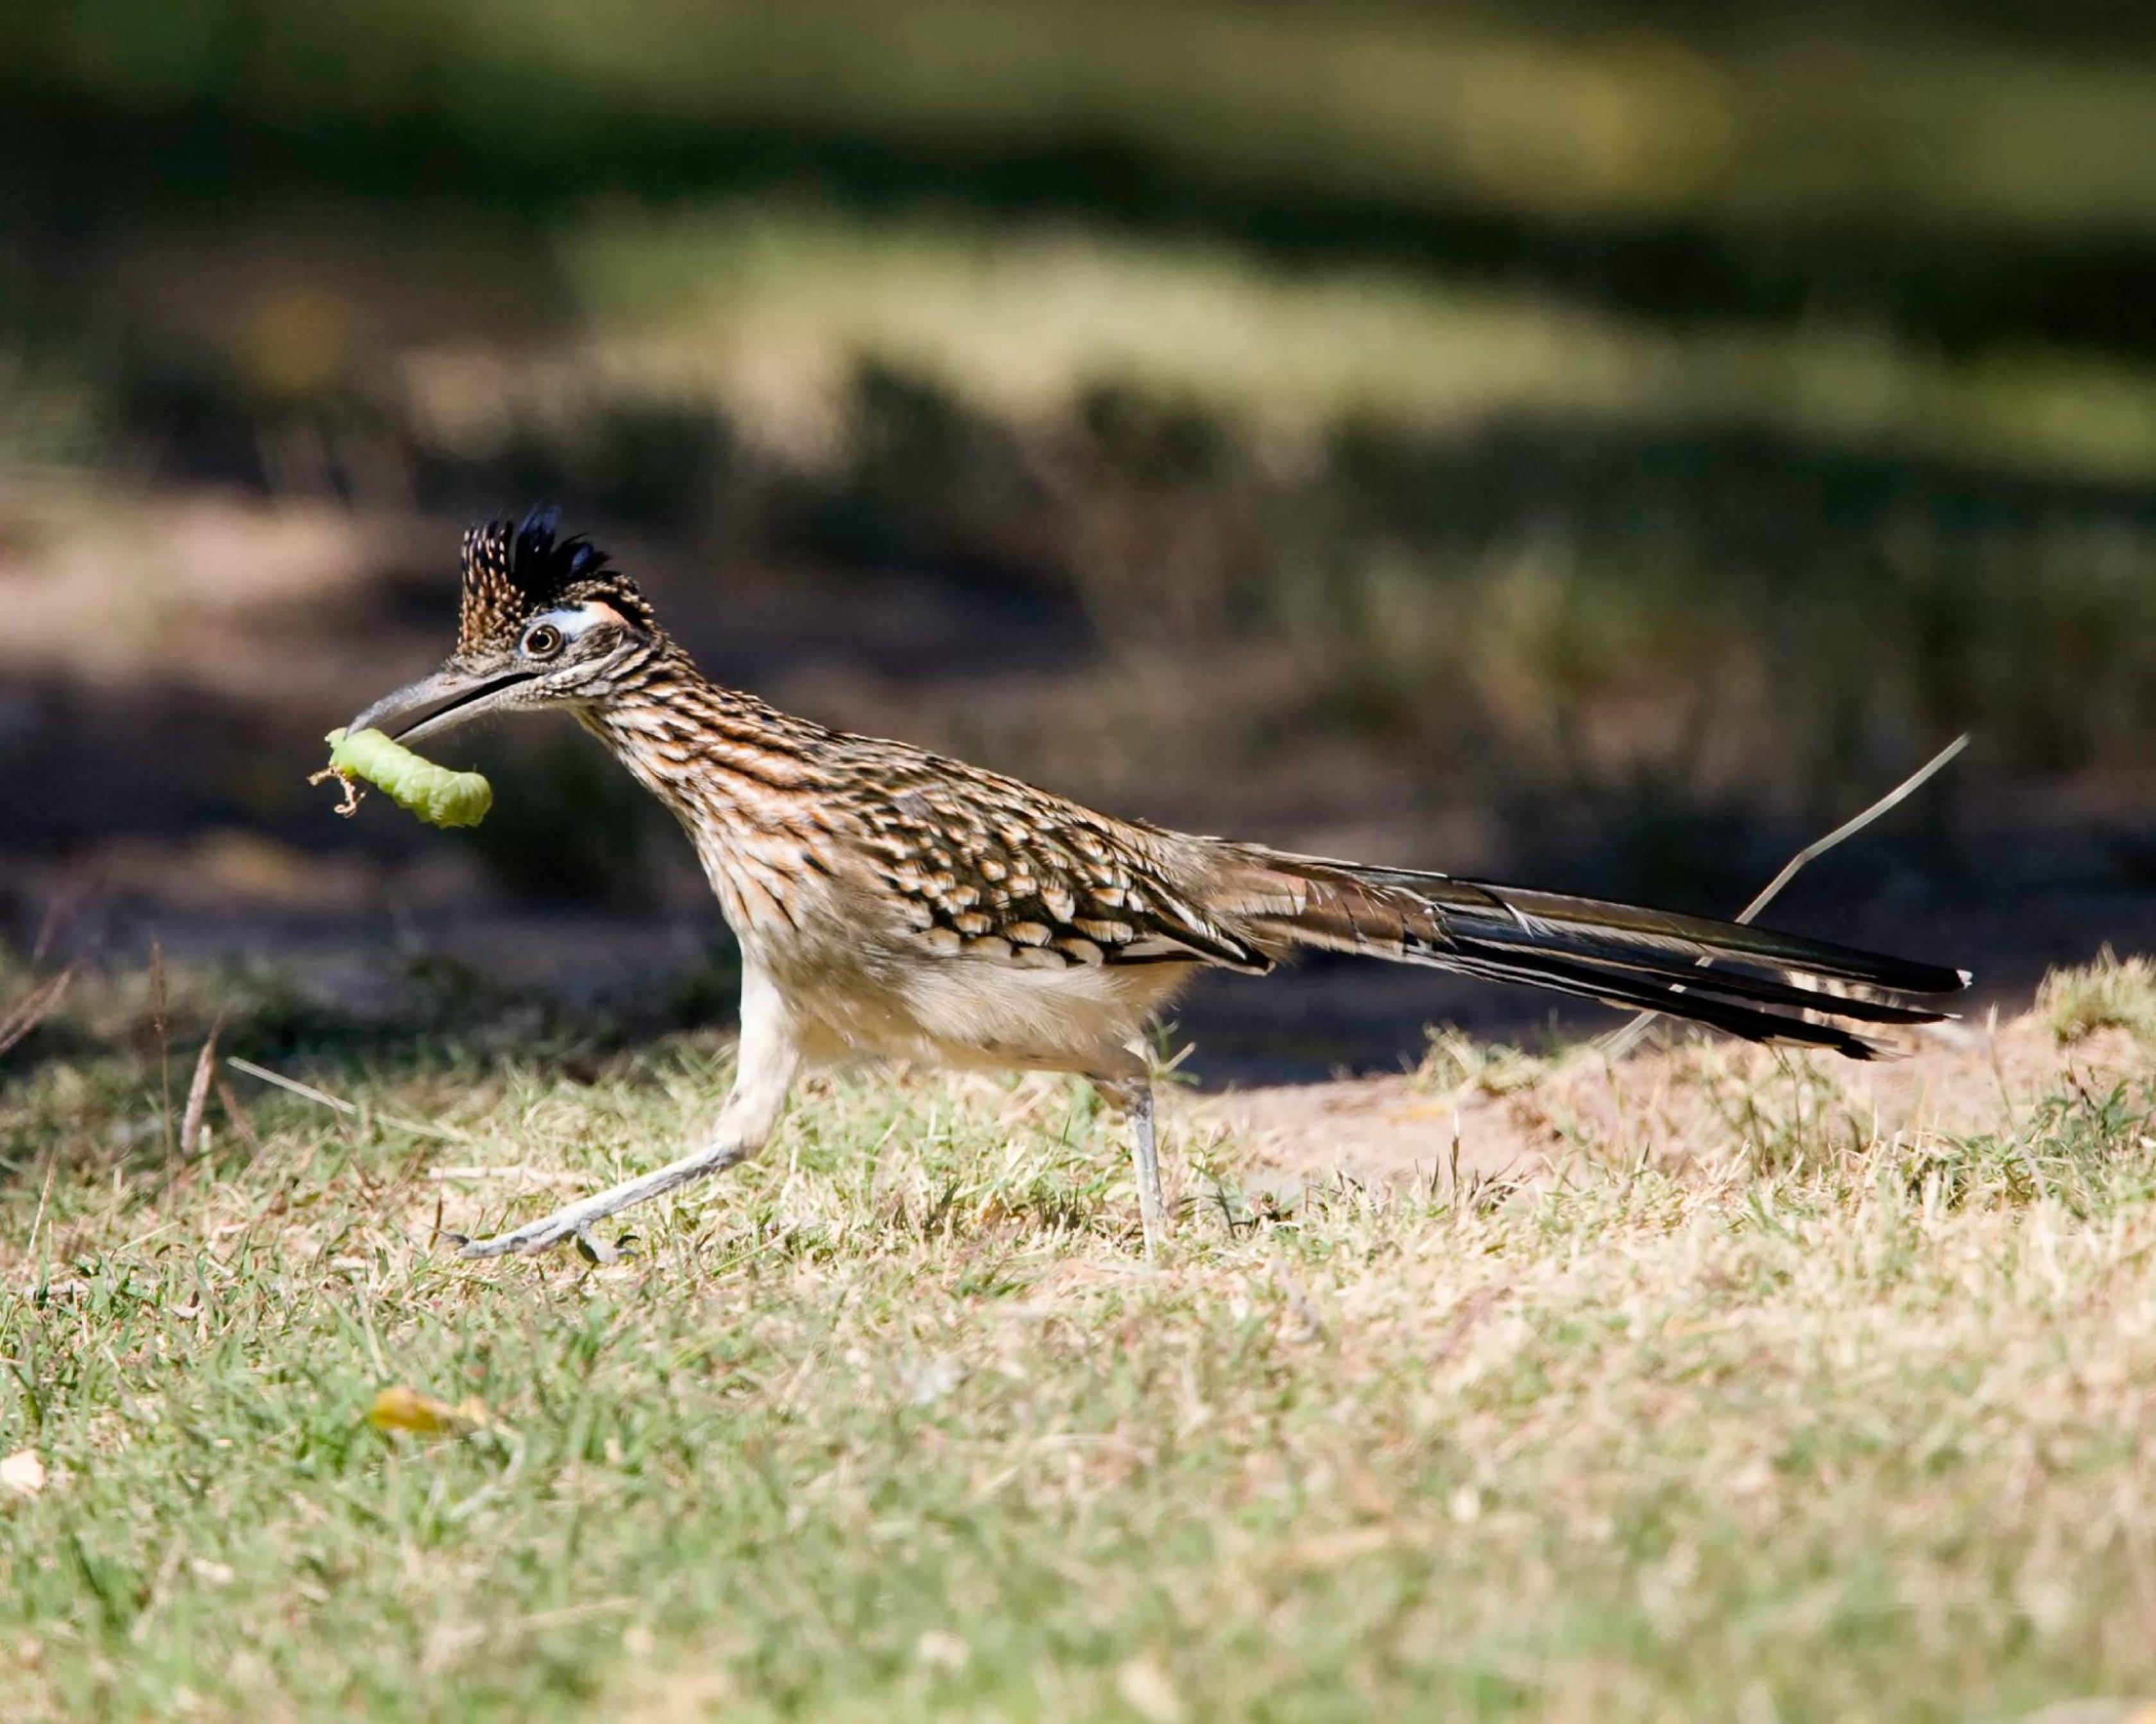 Un correcaminos con una oruga verde en la boca corriendo sobre la hierba en el Parque Nacional Big Bend